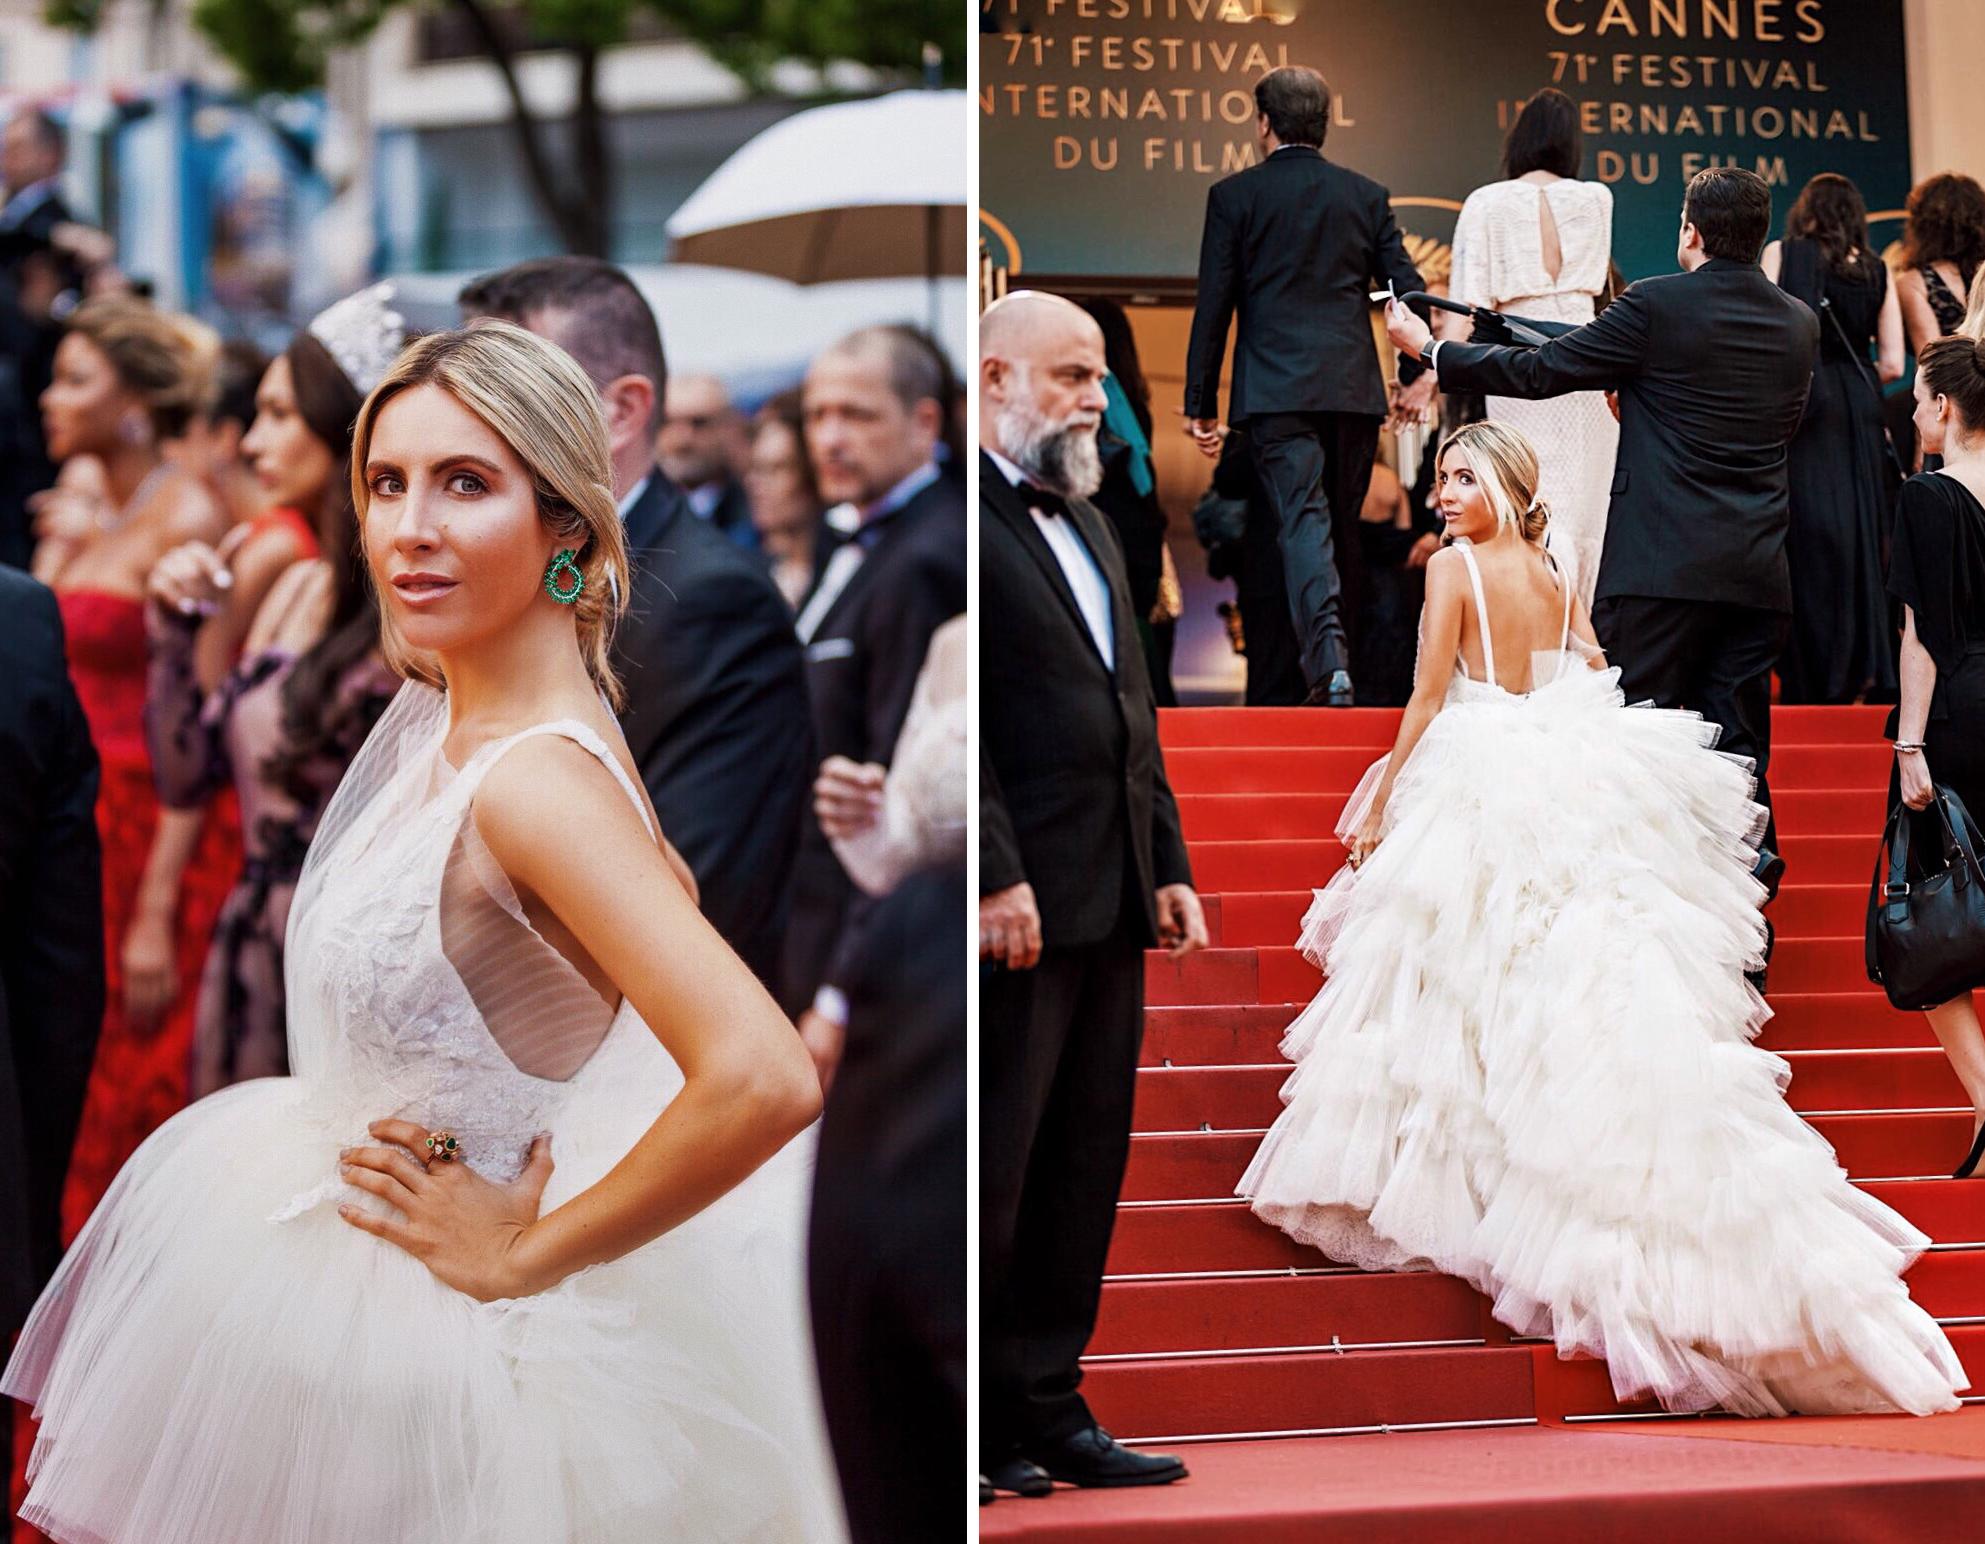 Cannes-Film-Festival-2018-Monica-Sors